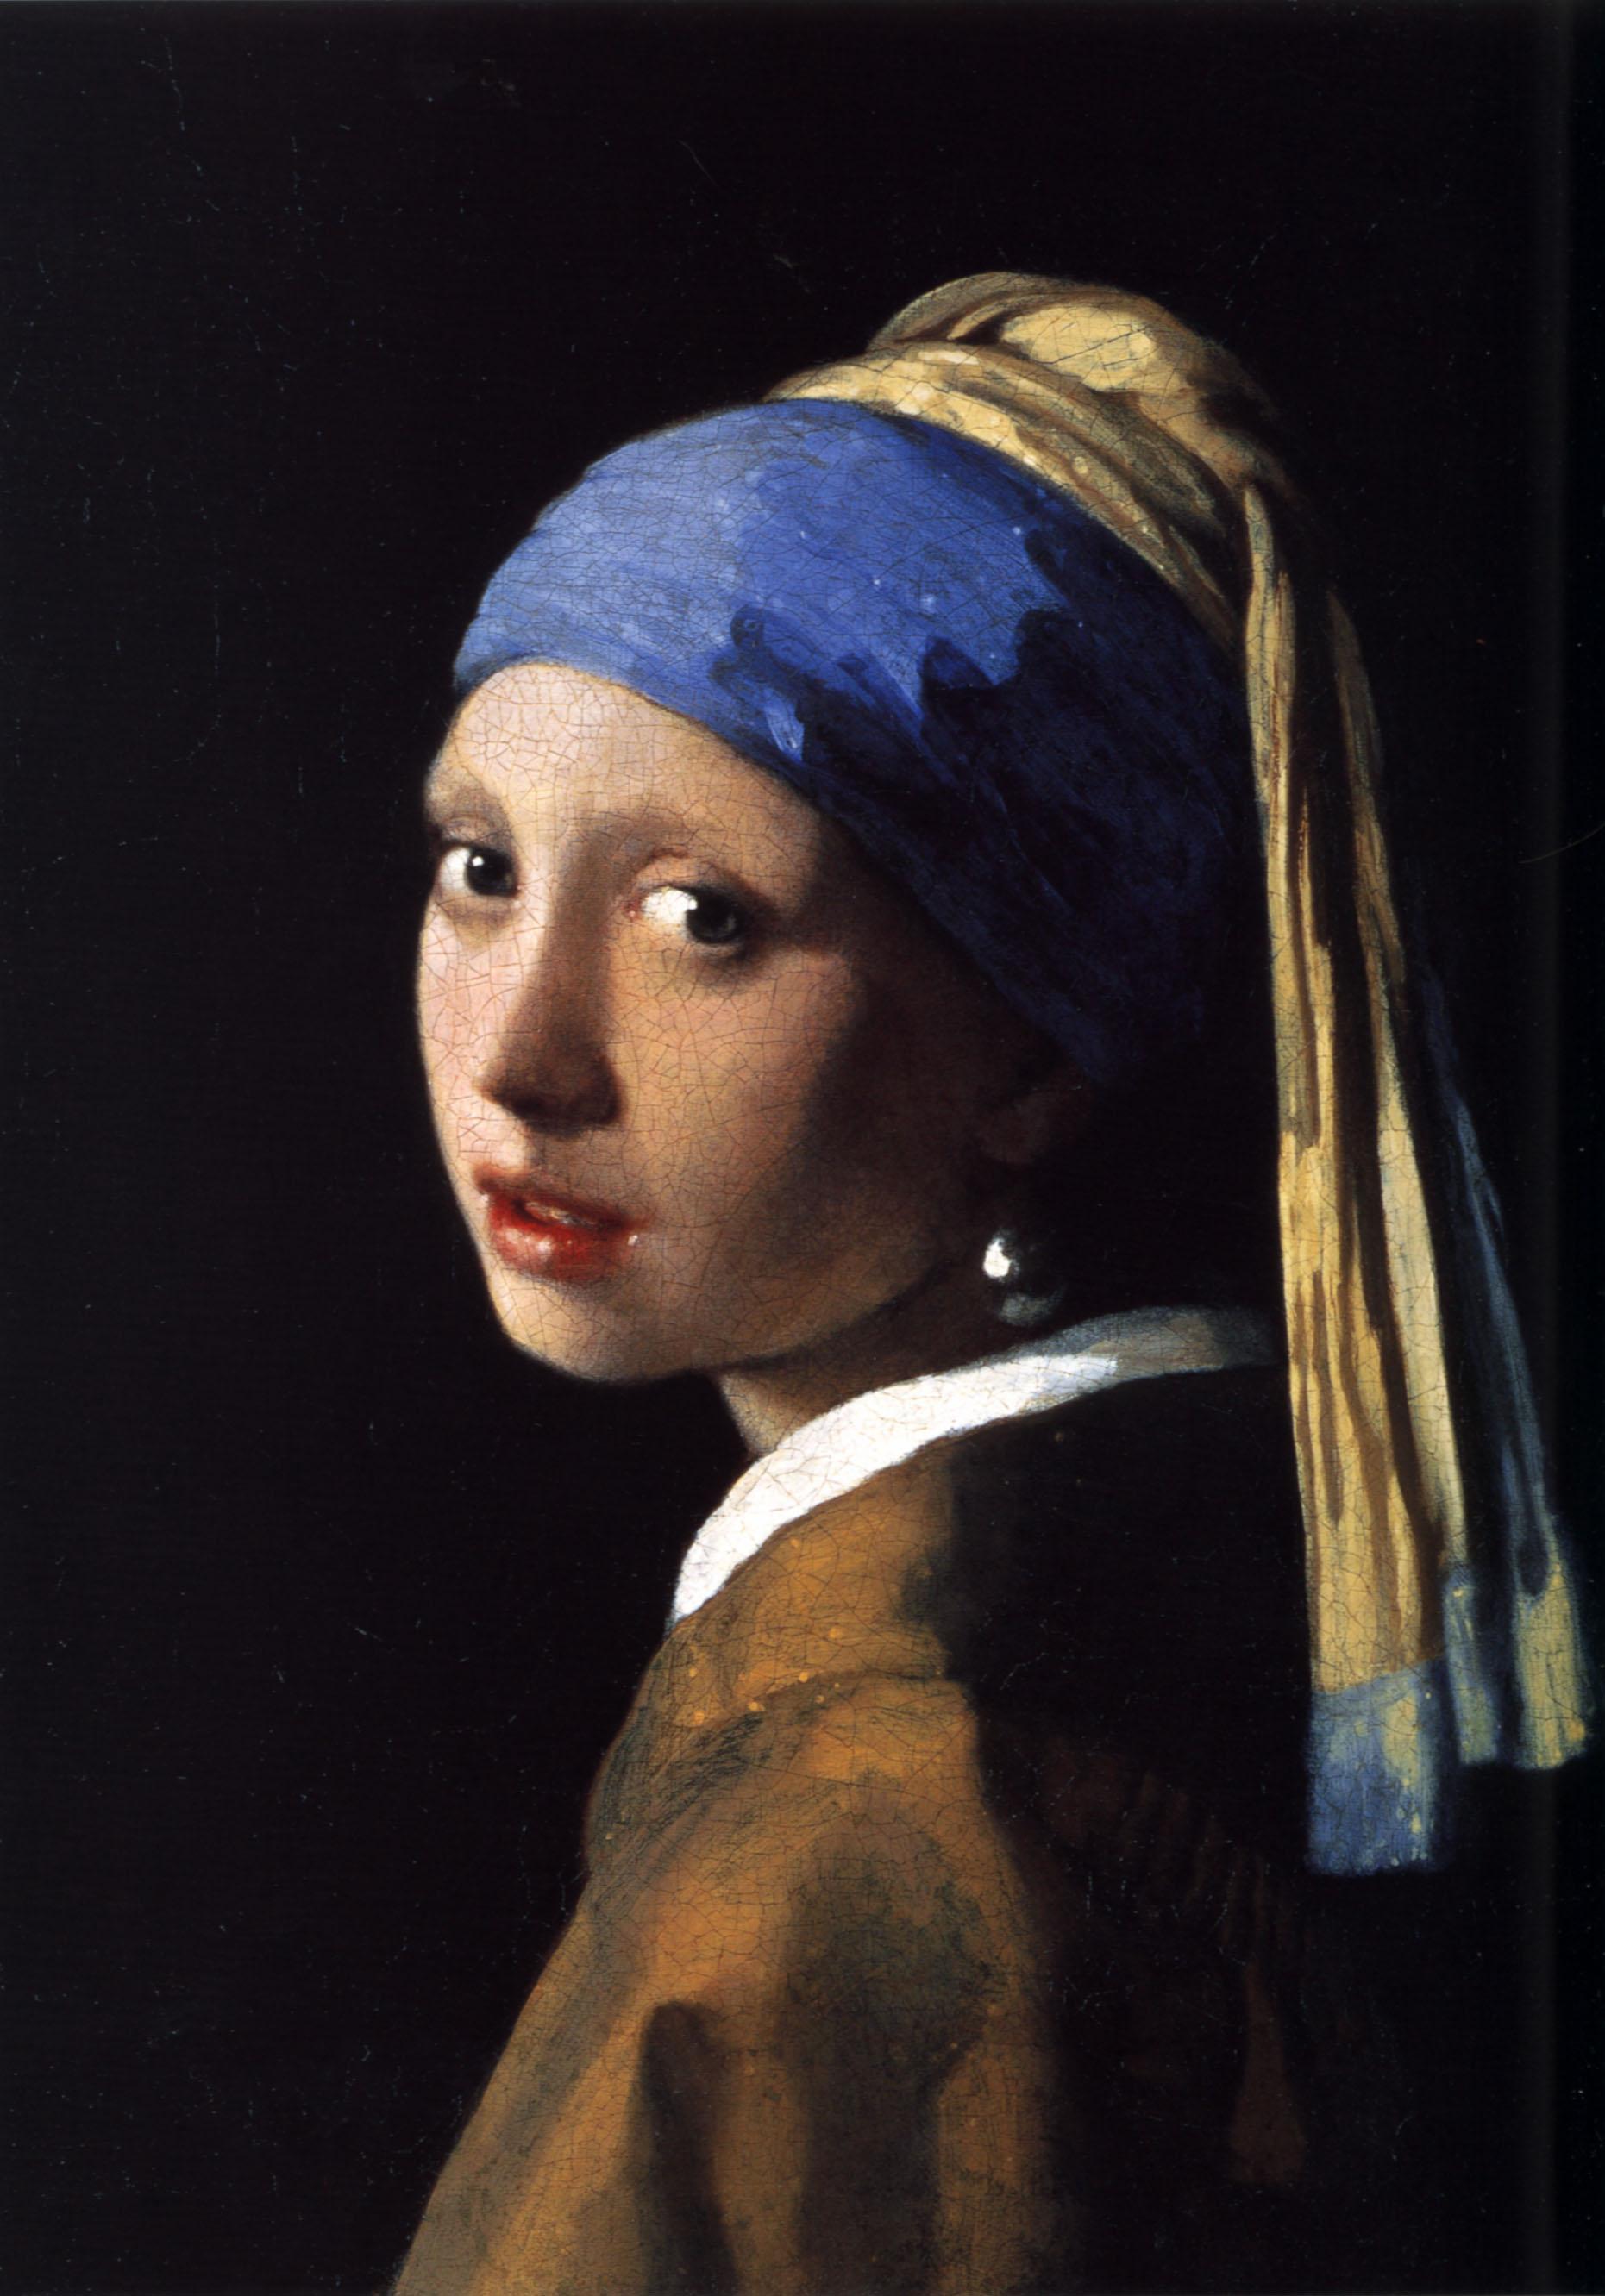 Minimal List Luca Trapanese Max Gazzetta dello Sport Arte Ragazza con orecchino di perla Vermeer Bologna 2014